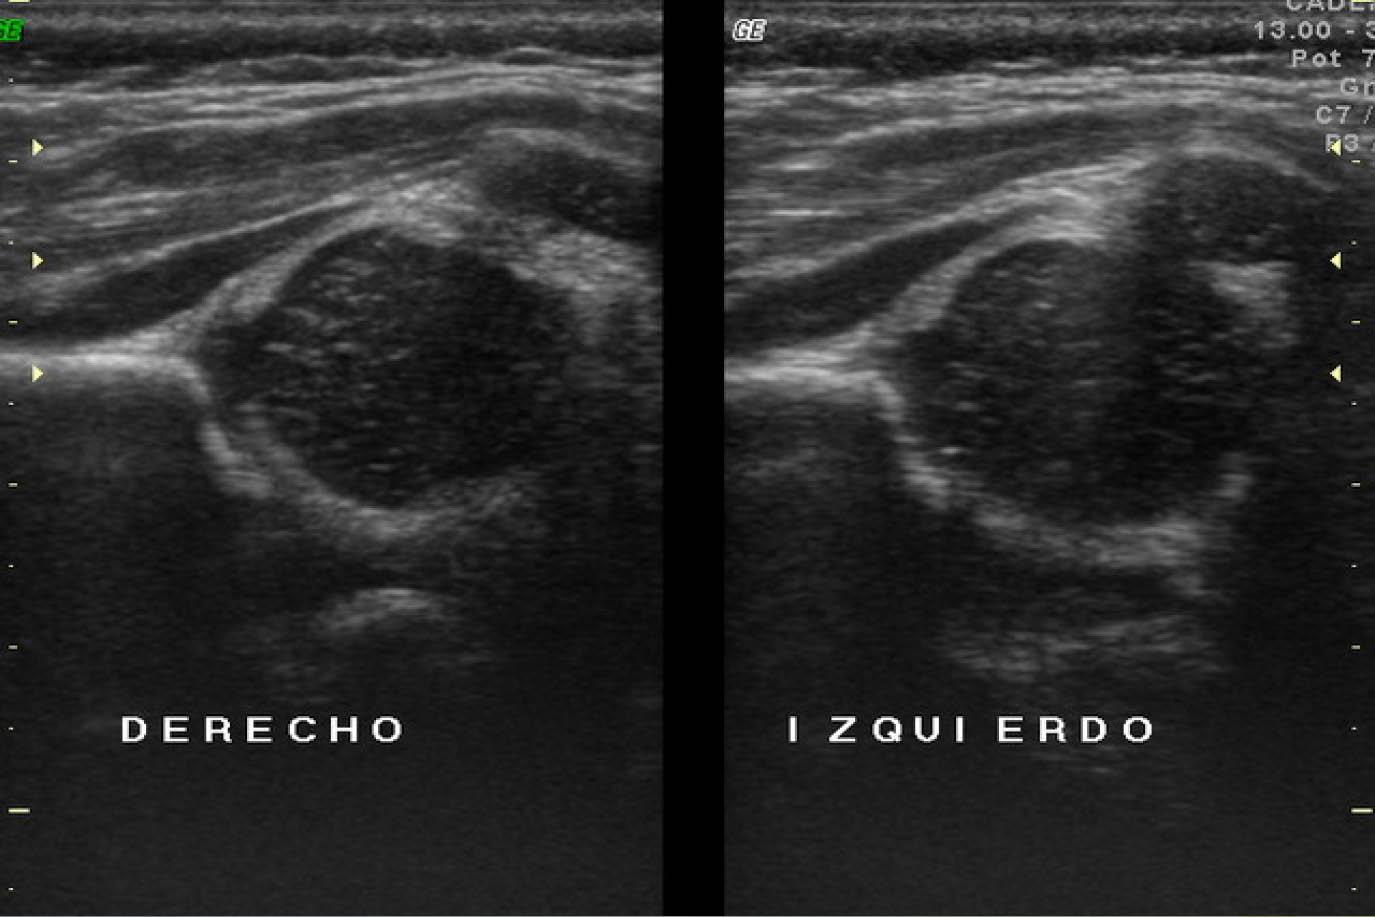 Excepcional Anatomía Ultrasonido De La Cadera Patrón - Imágenes de ...